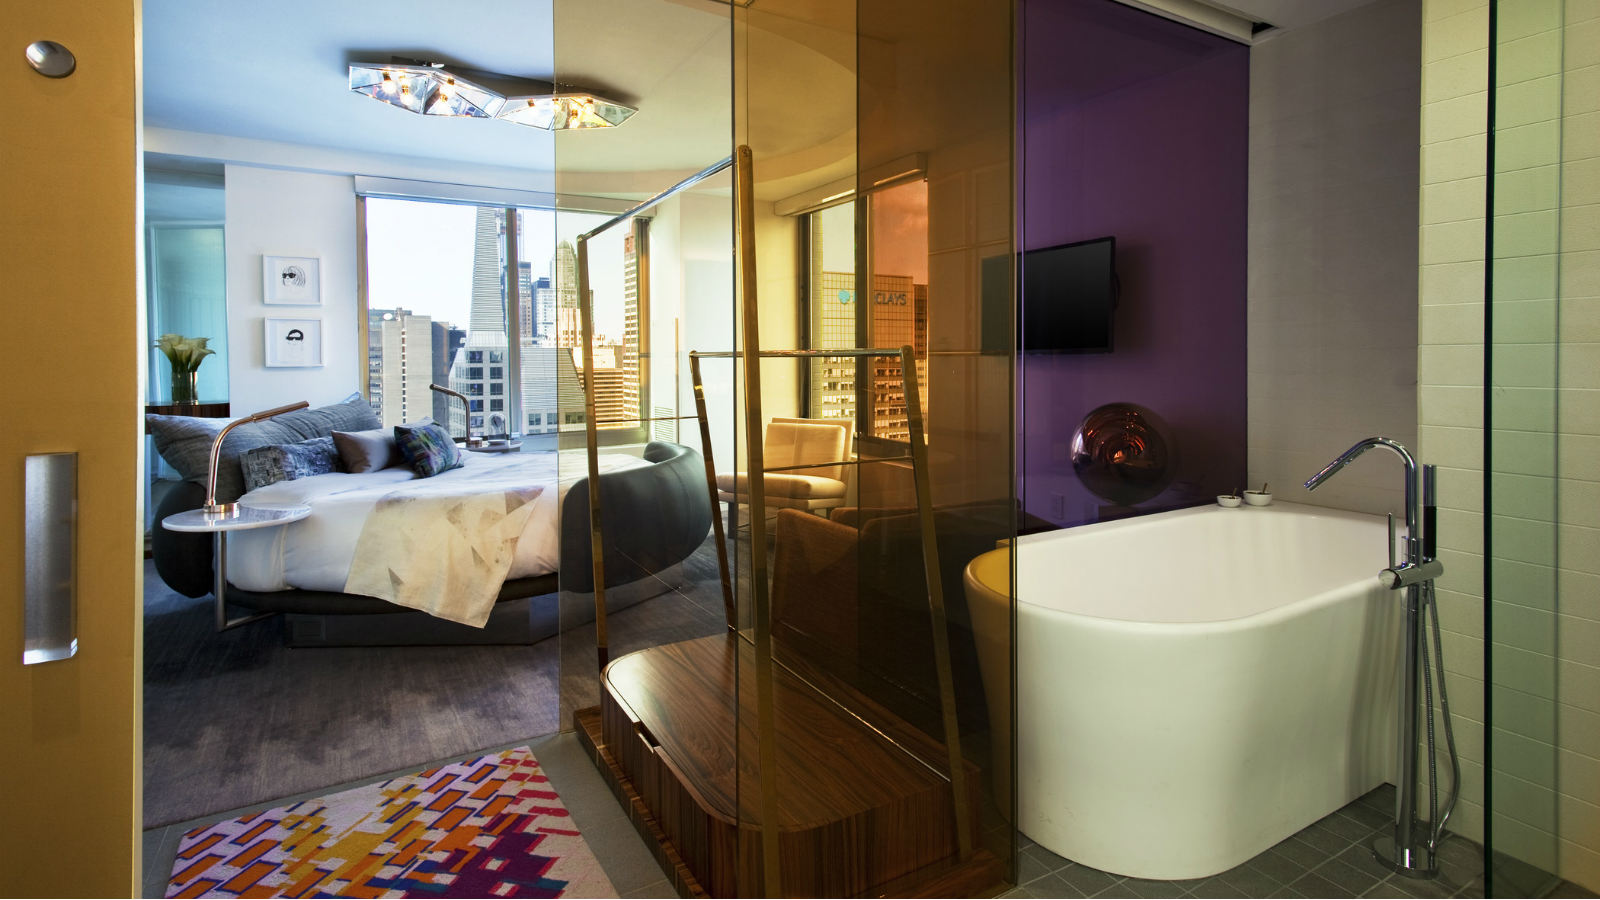 ExtremeWOWSuiteBedroom-Bathroom.jpg